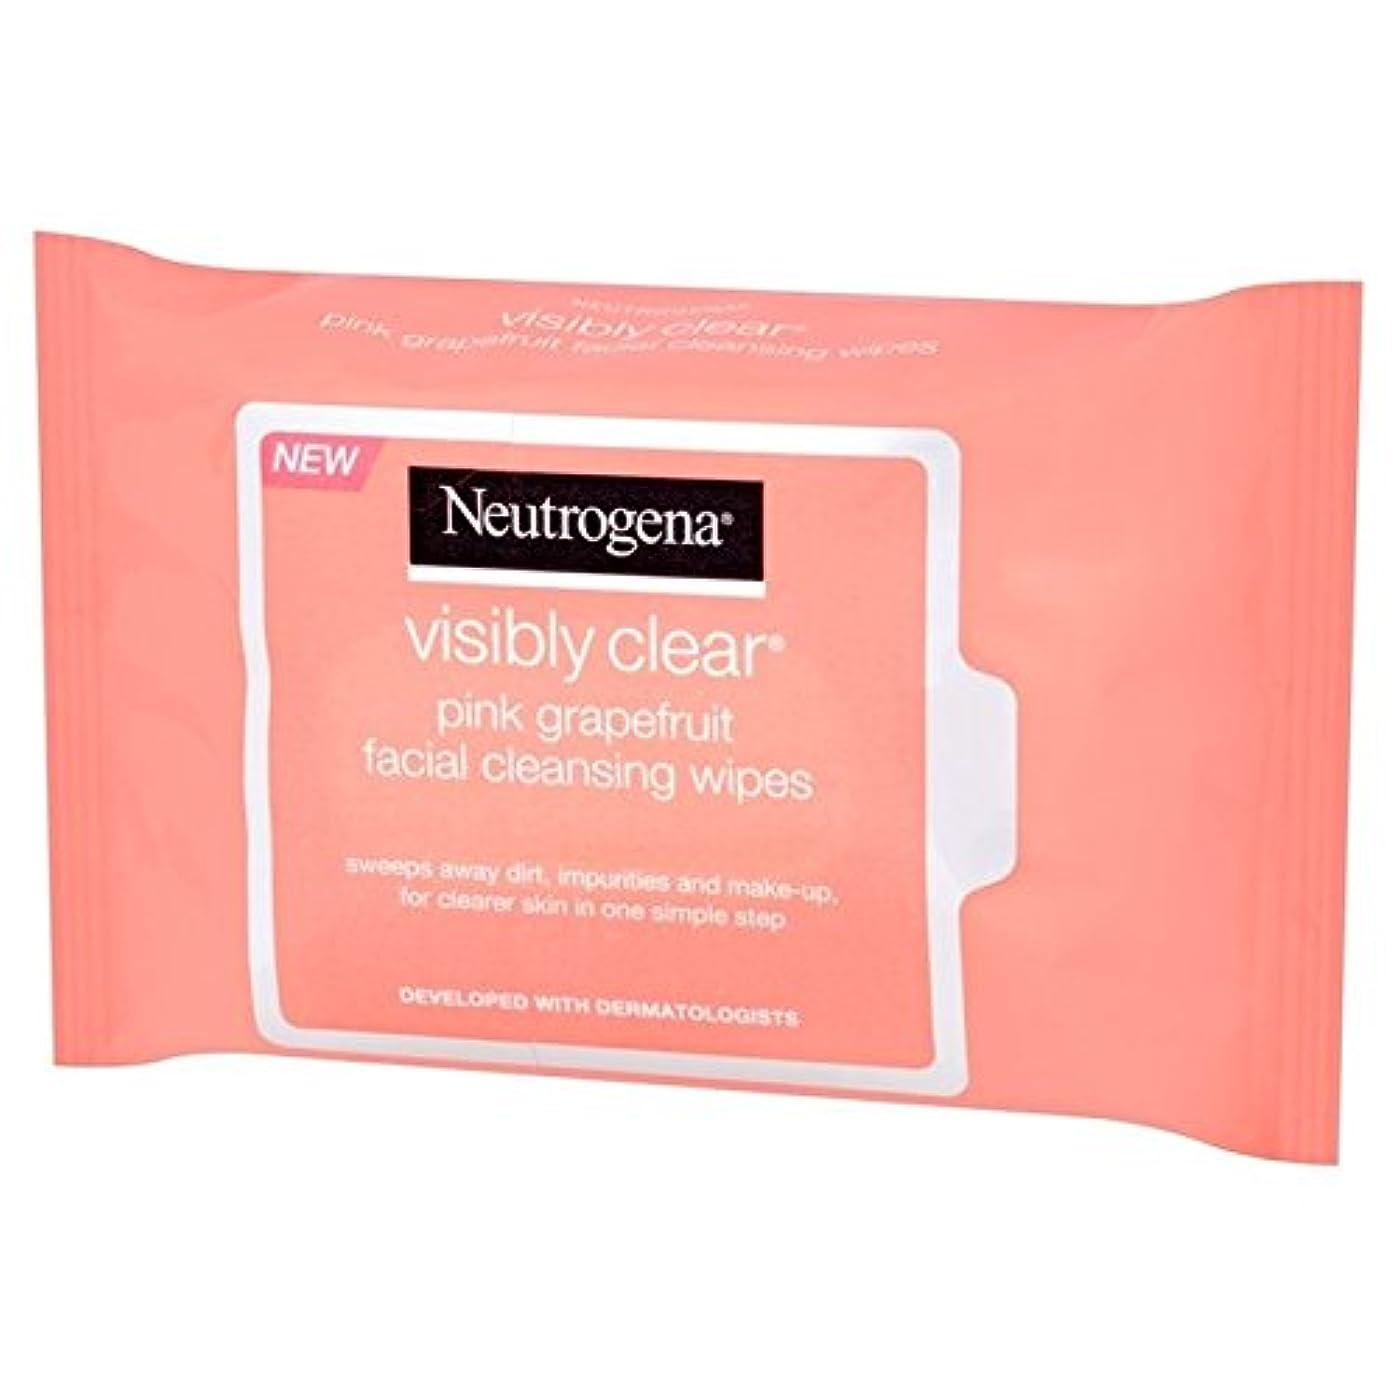 逃す国民知性Neutrogena Visibly Clear Pink Grapefruit Wipes 25 per pack (Pack of 6) - ニュートロジーナ目に見えて明らかピンクグレープフルーツは、パックごとに25...